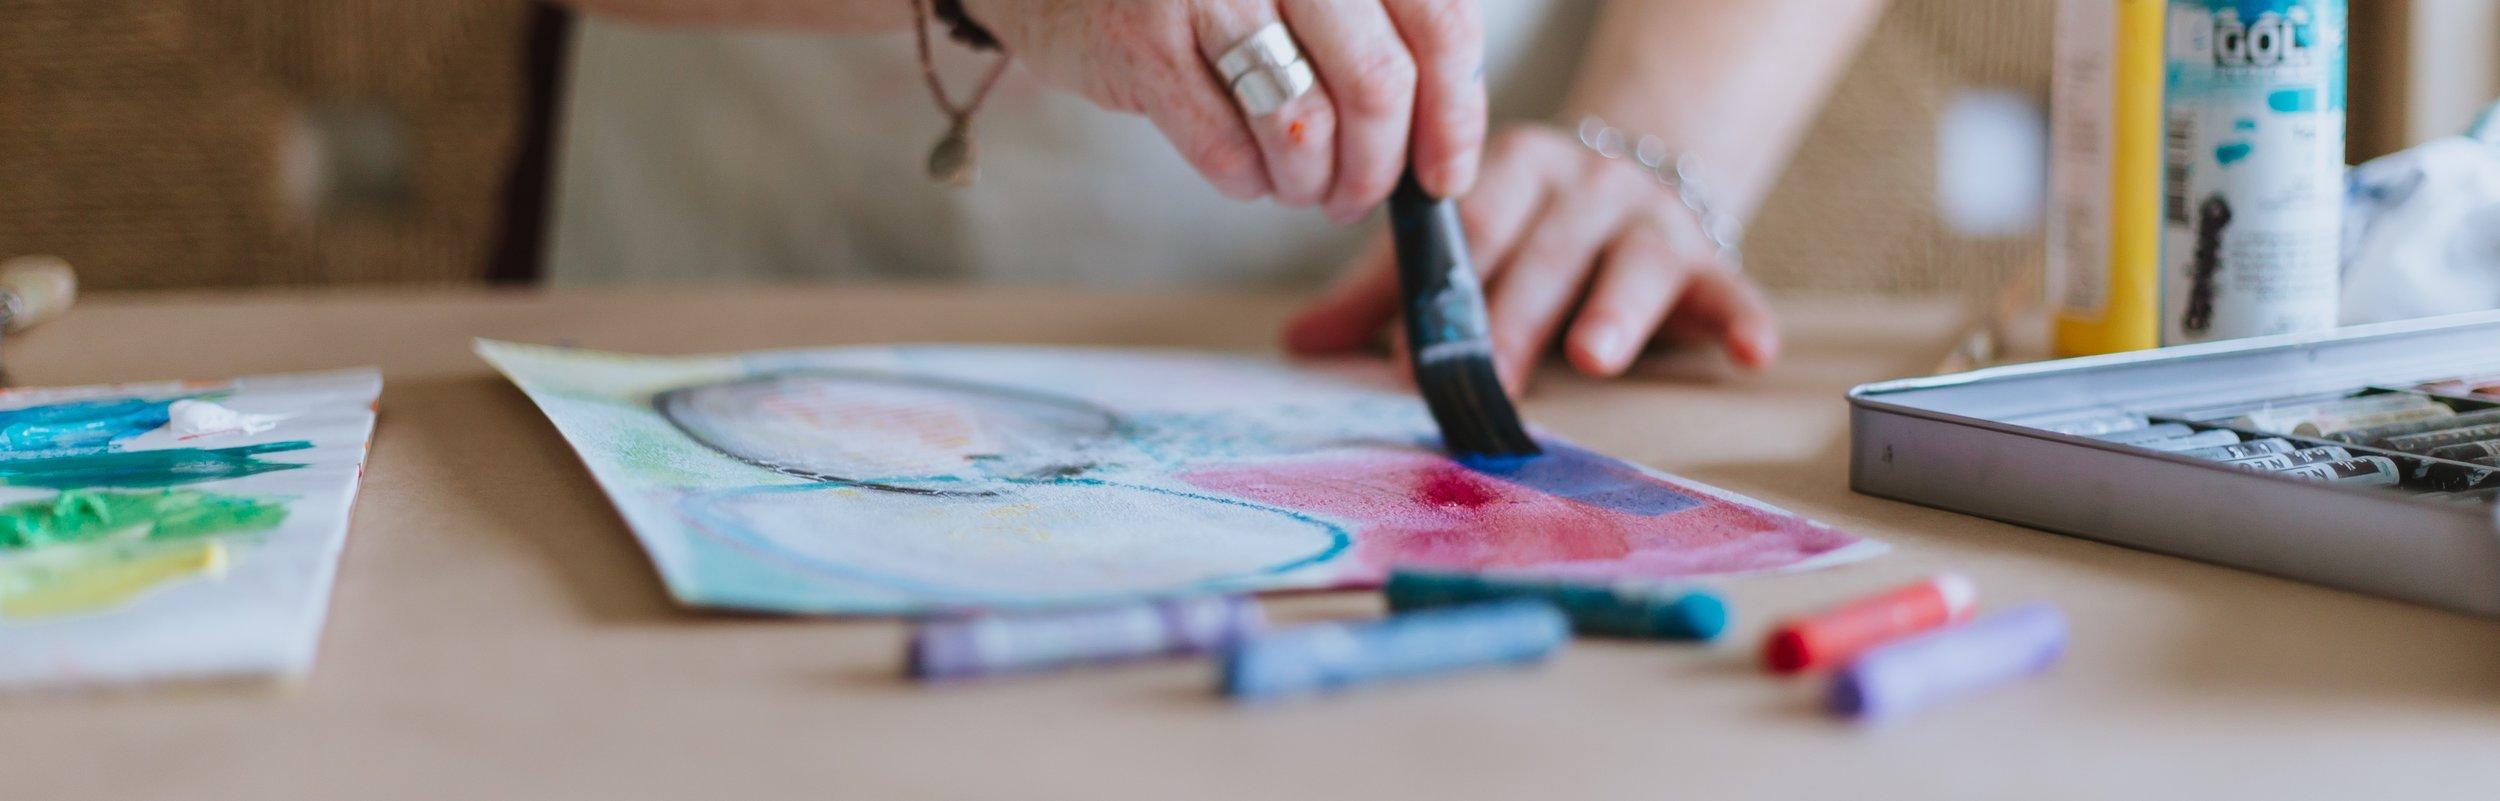 True Colors Art Program with Kellee Wynne Studios in the studio painting 18 (2).jpg